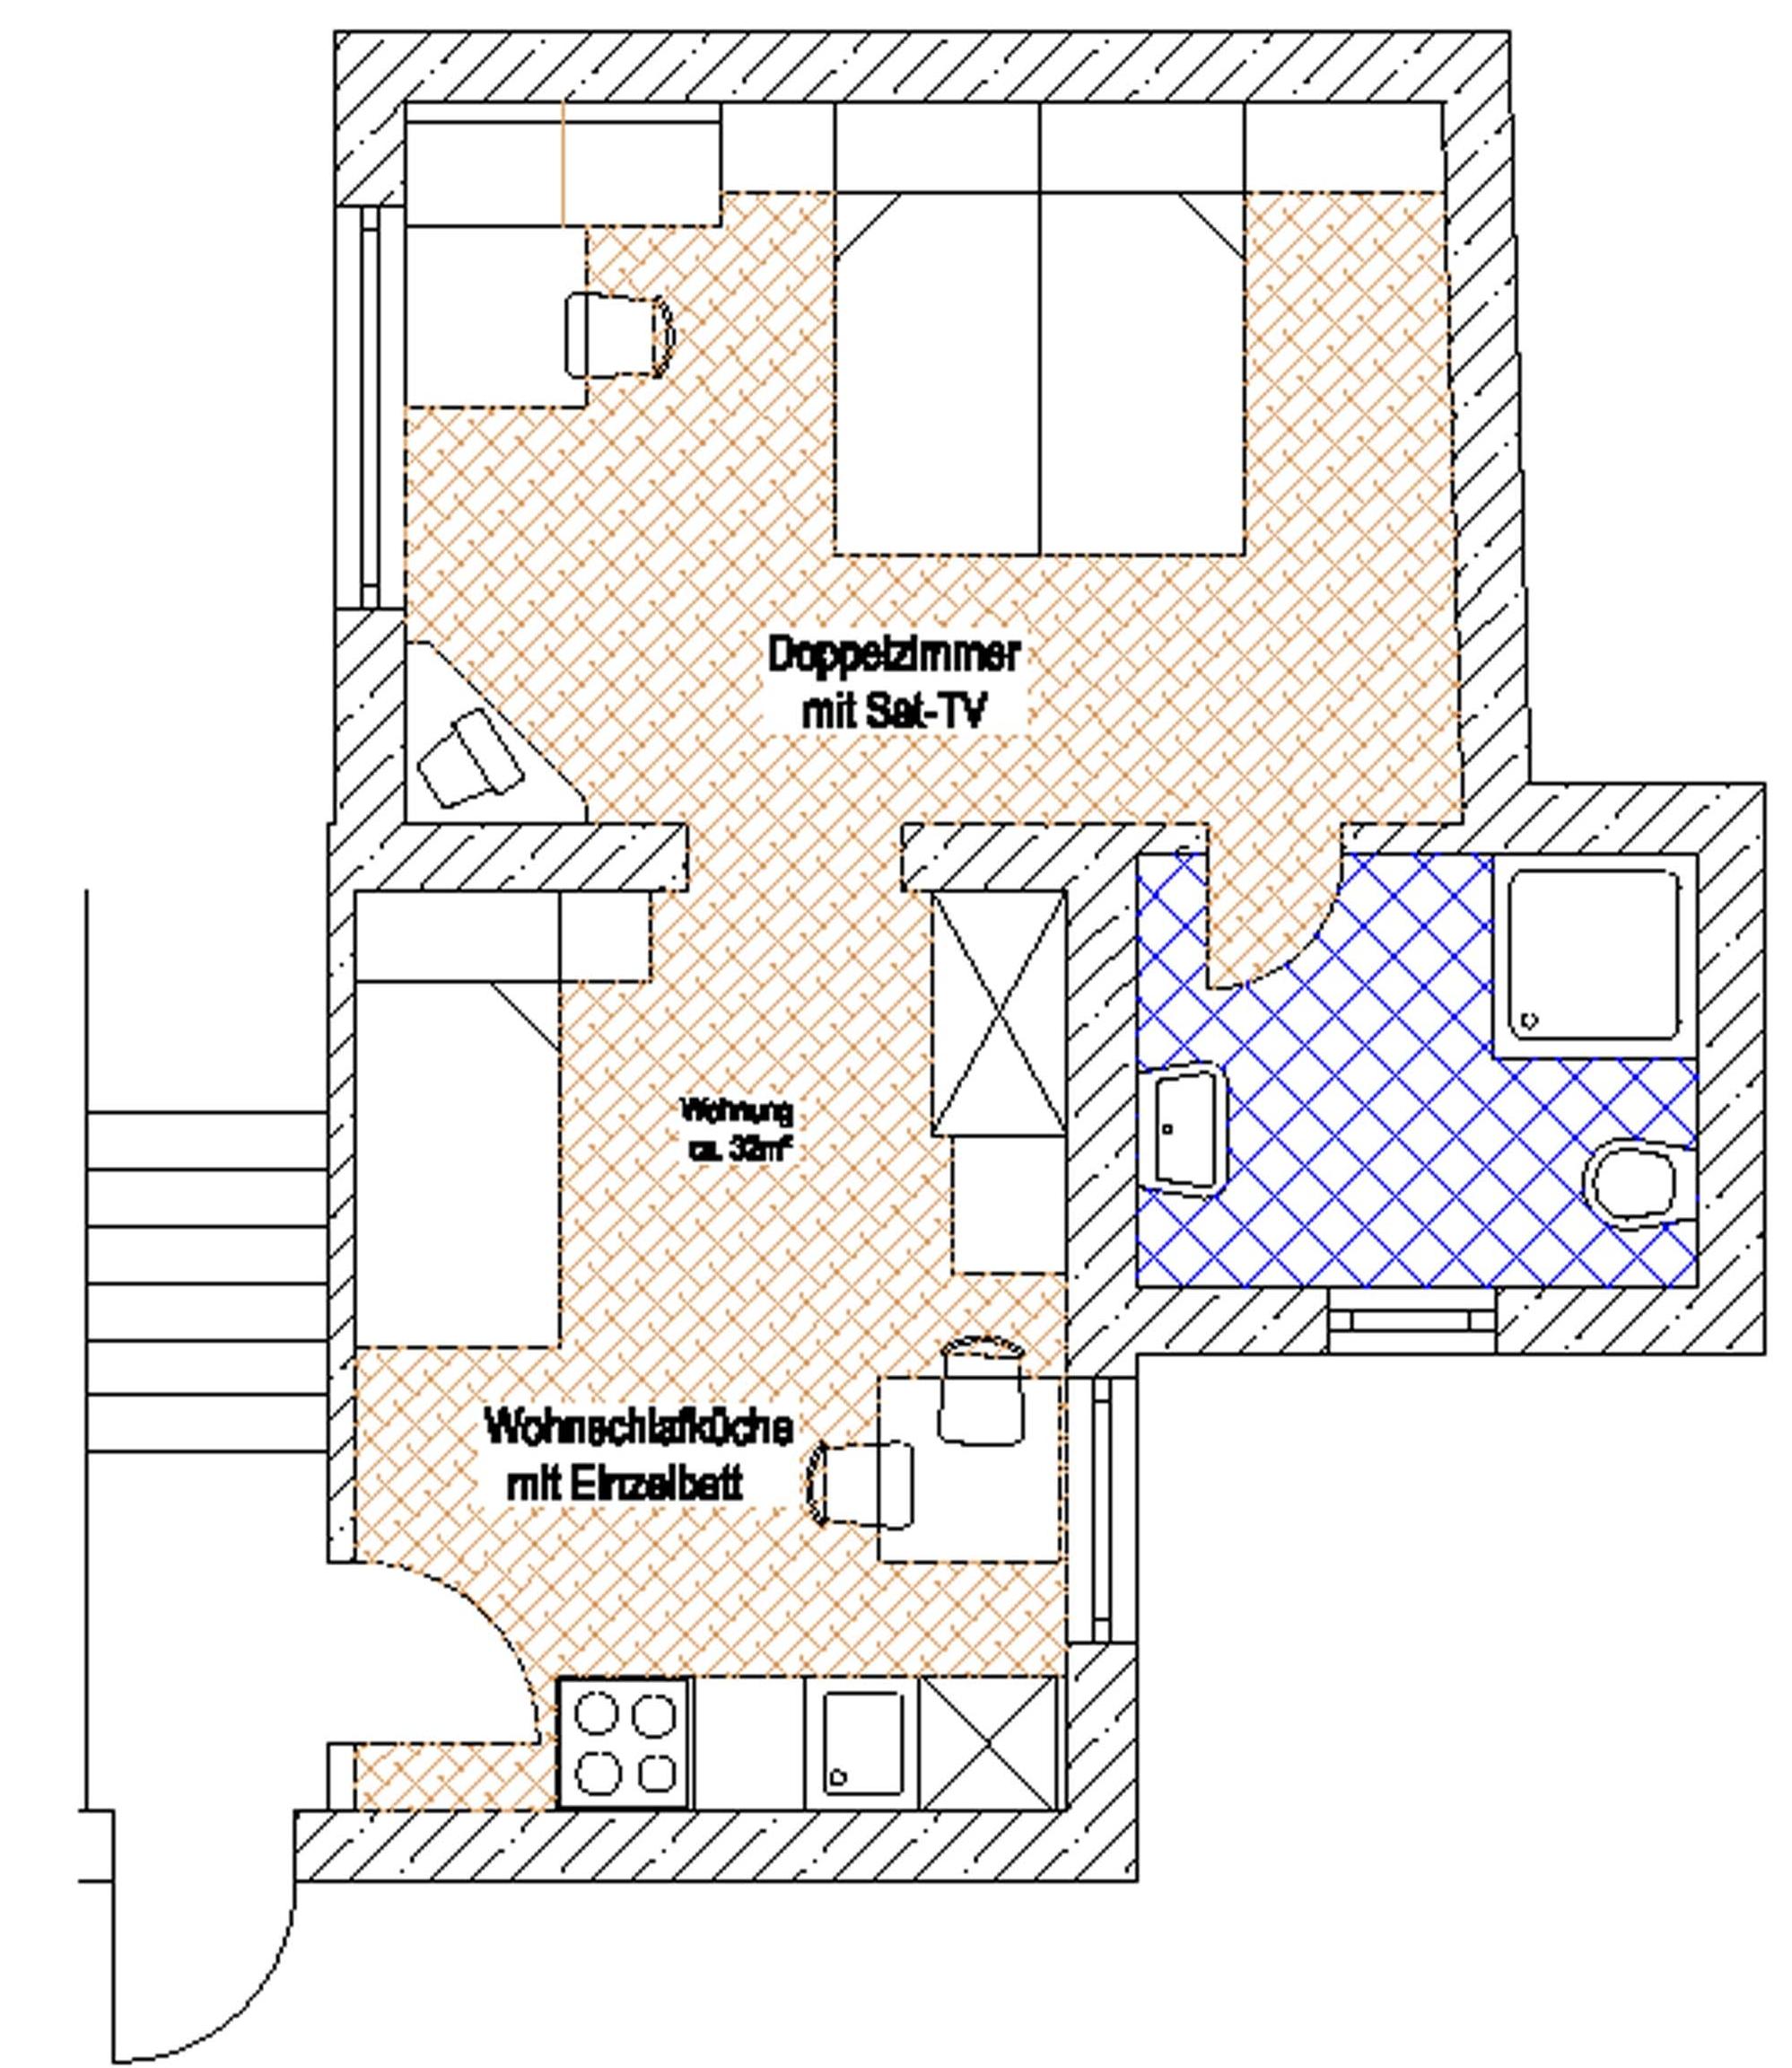 Appartement 2 für 2 4 pers ca 47m² und balkon neu eingerichtete küche mit sitzecke schlafcouch und sattv 1 doppelzimmer mit waschbecken 1 einzelzimmer